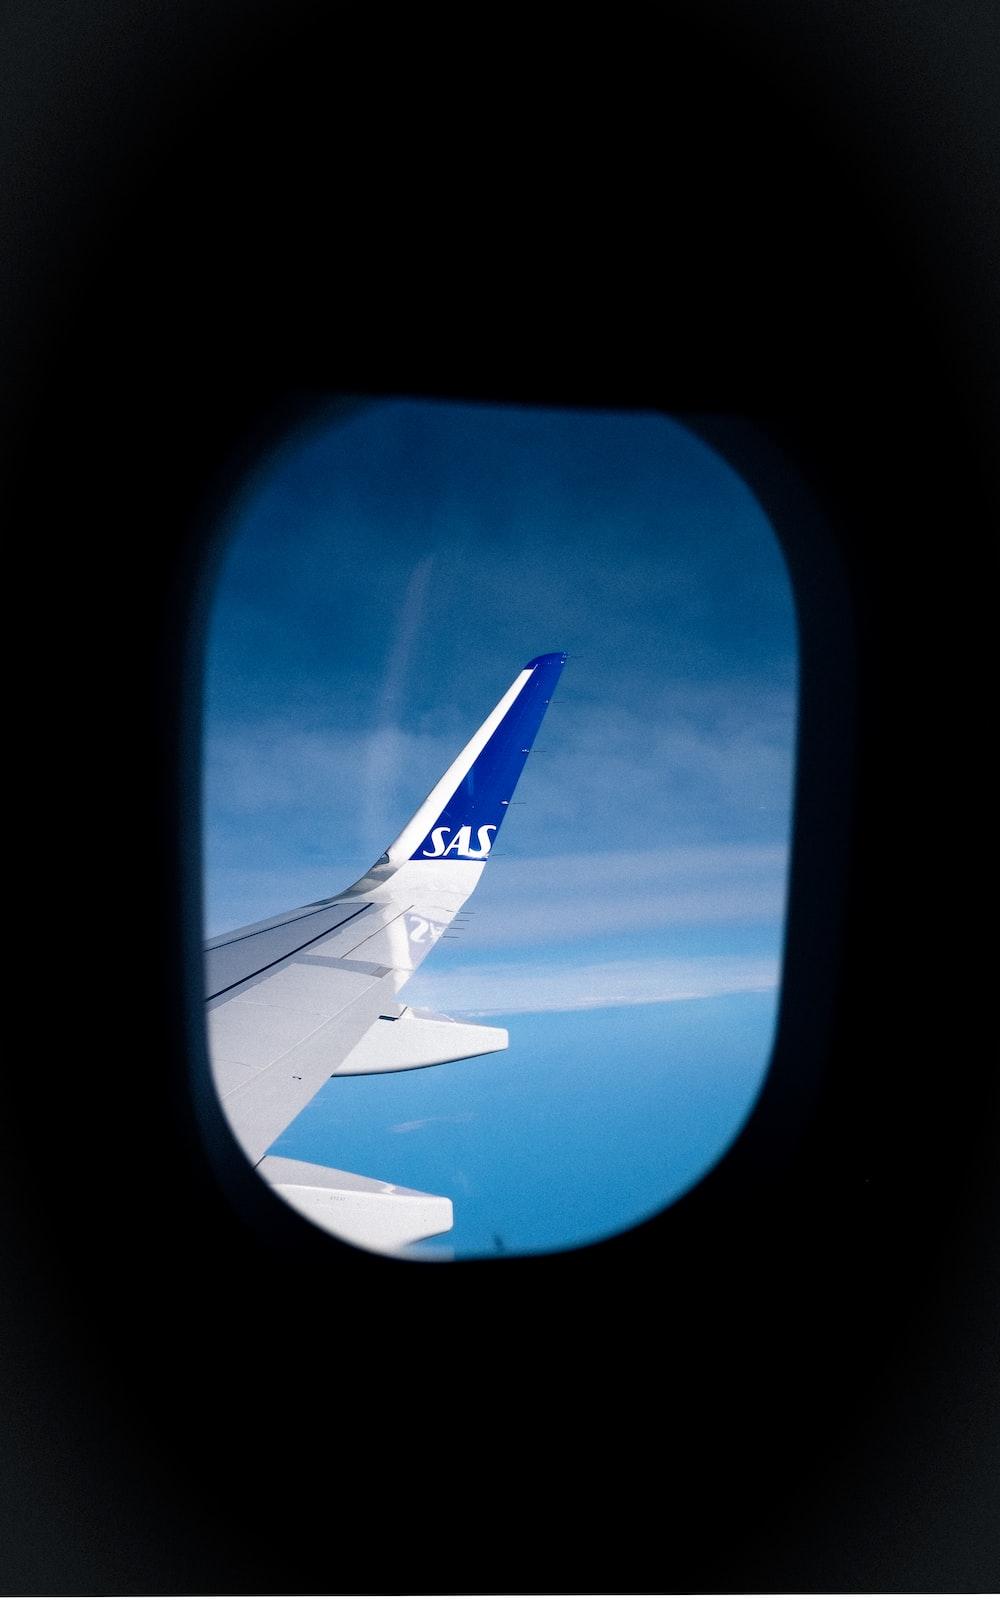 white airliner